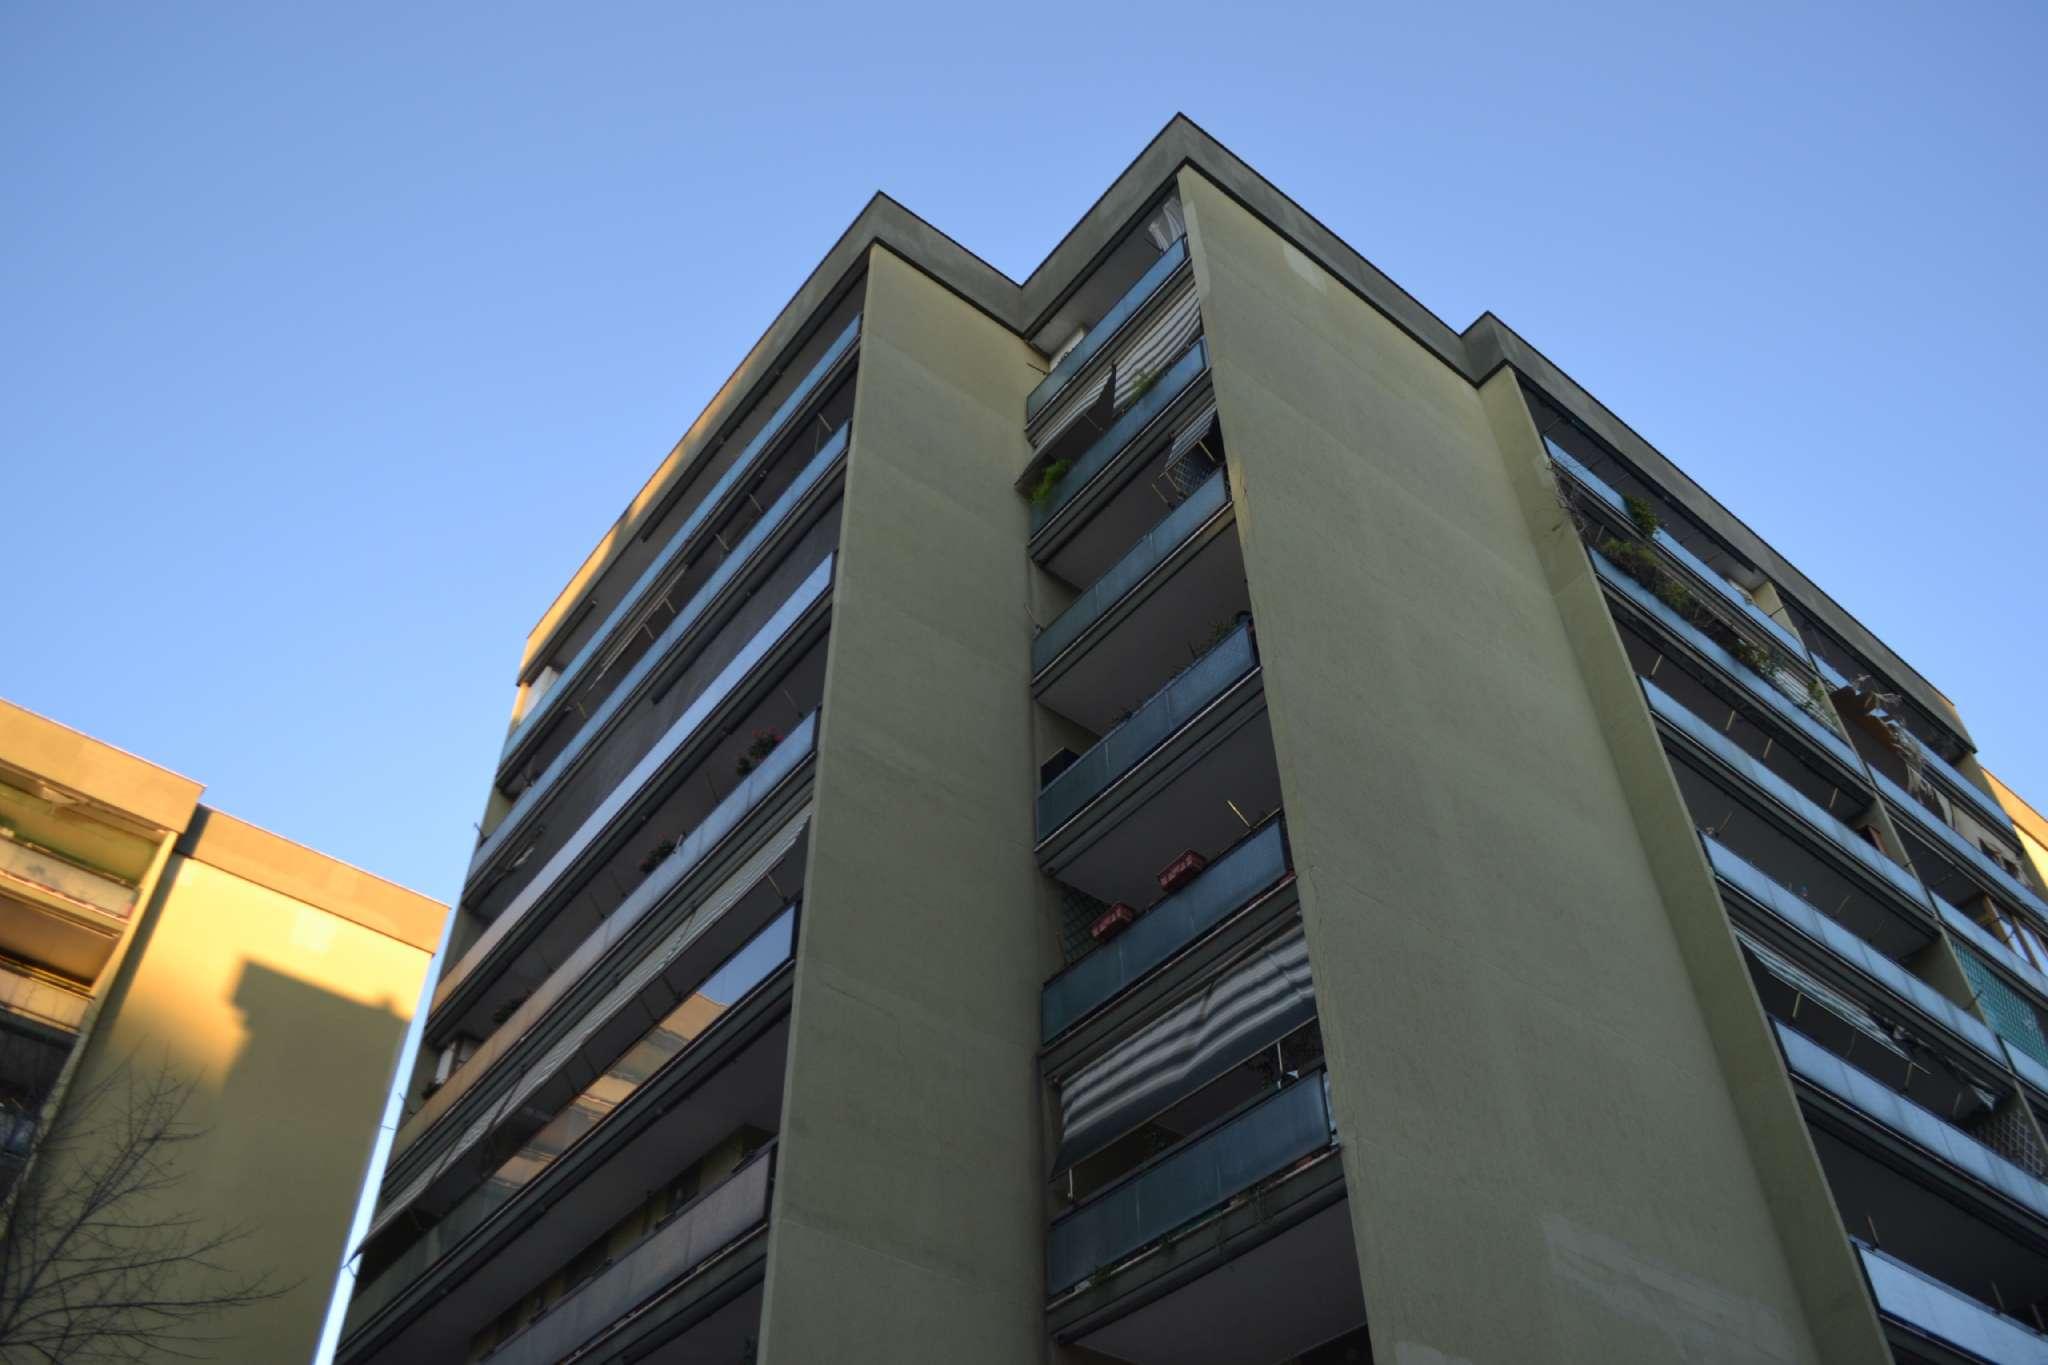 Appartamento in vendita a Roma, 3 locali, zona Zona: 22 . Eur - Torrino - Spinaceto, prezzo € 299.000 | CambioCasa.it